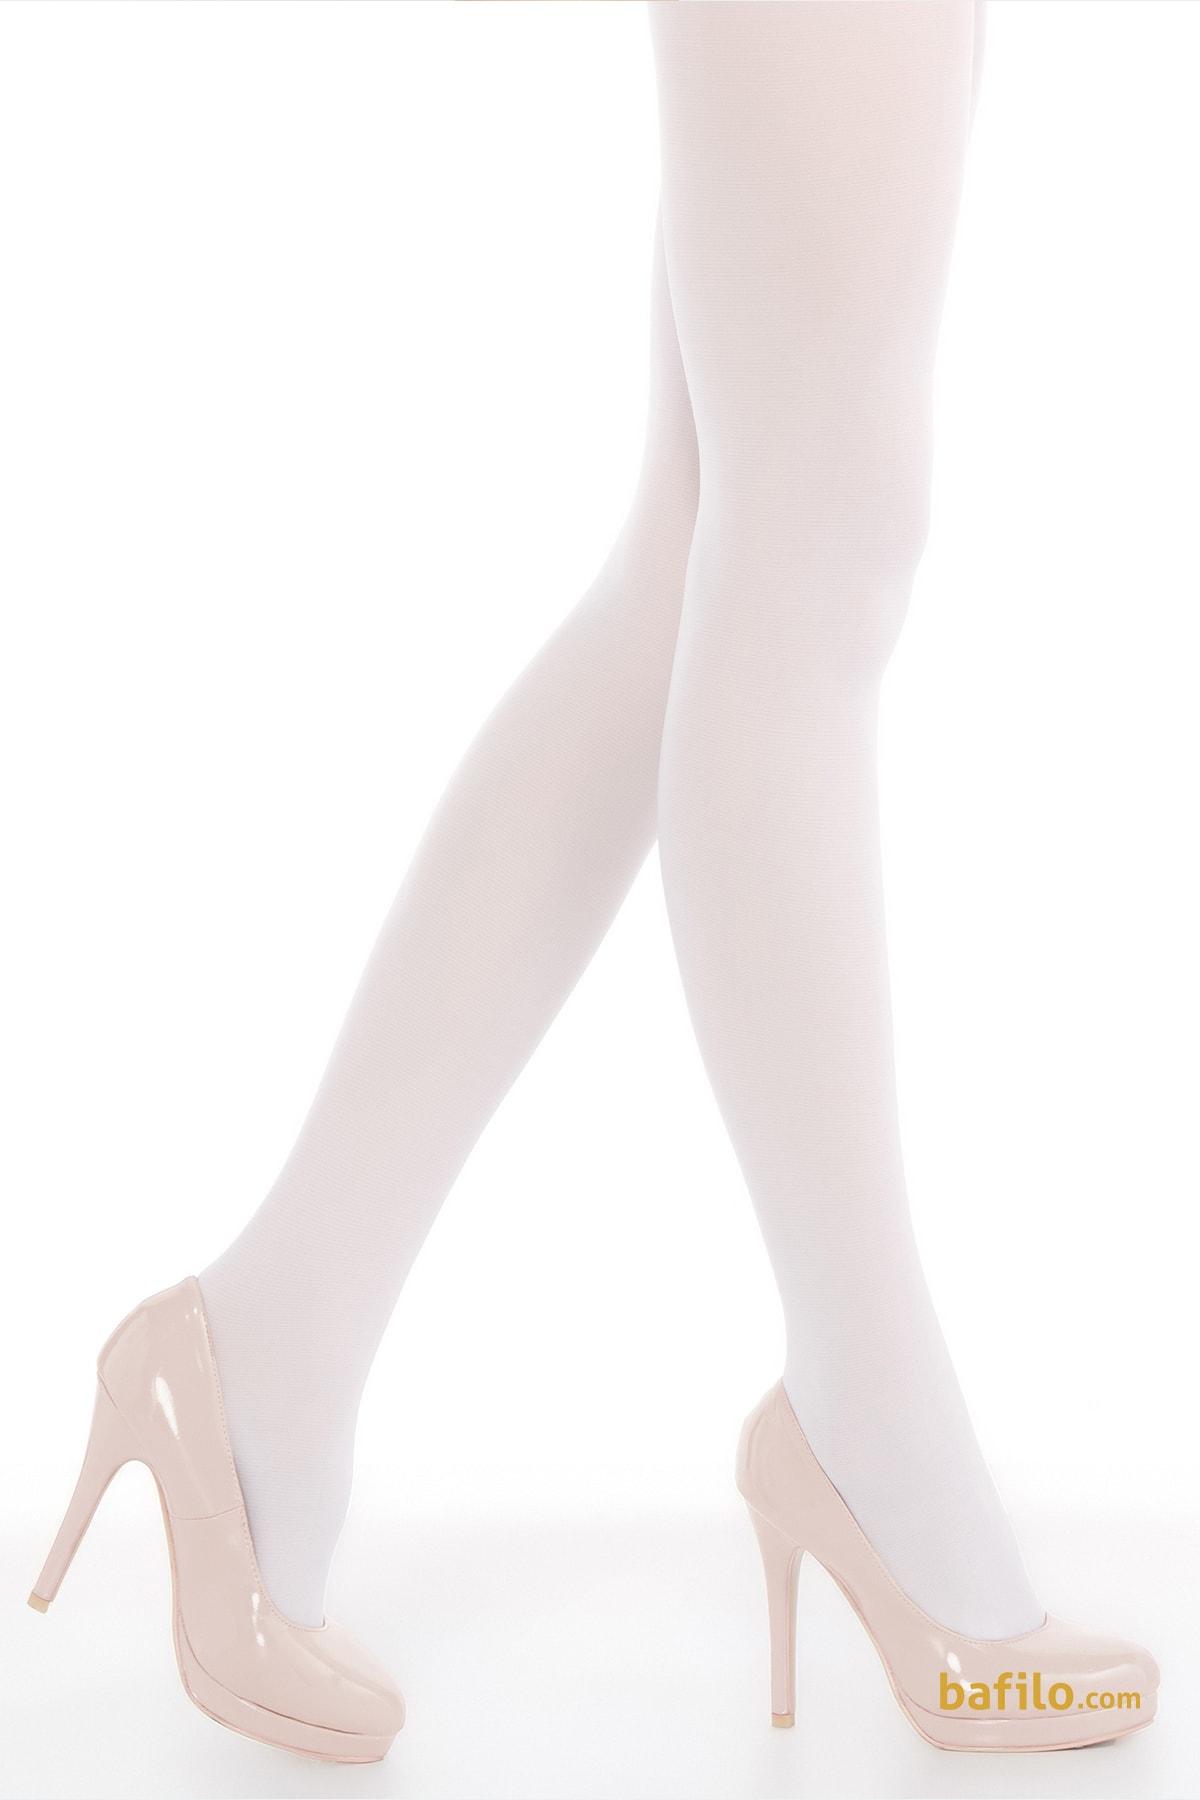 پنتی | Penti - جوراب شلواری ضخیم زنانه پنتی  Mikro 200 سفید